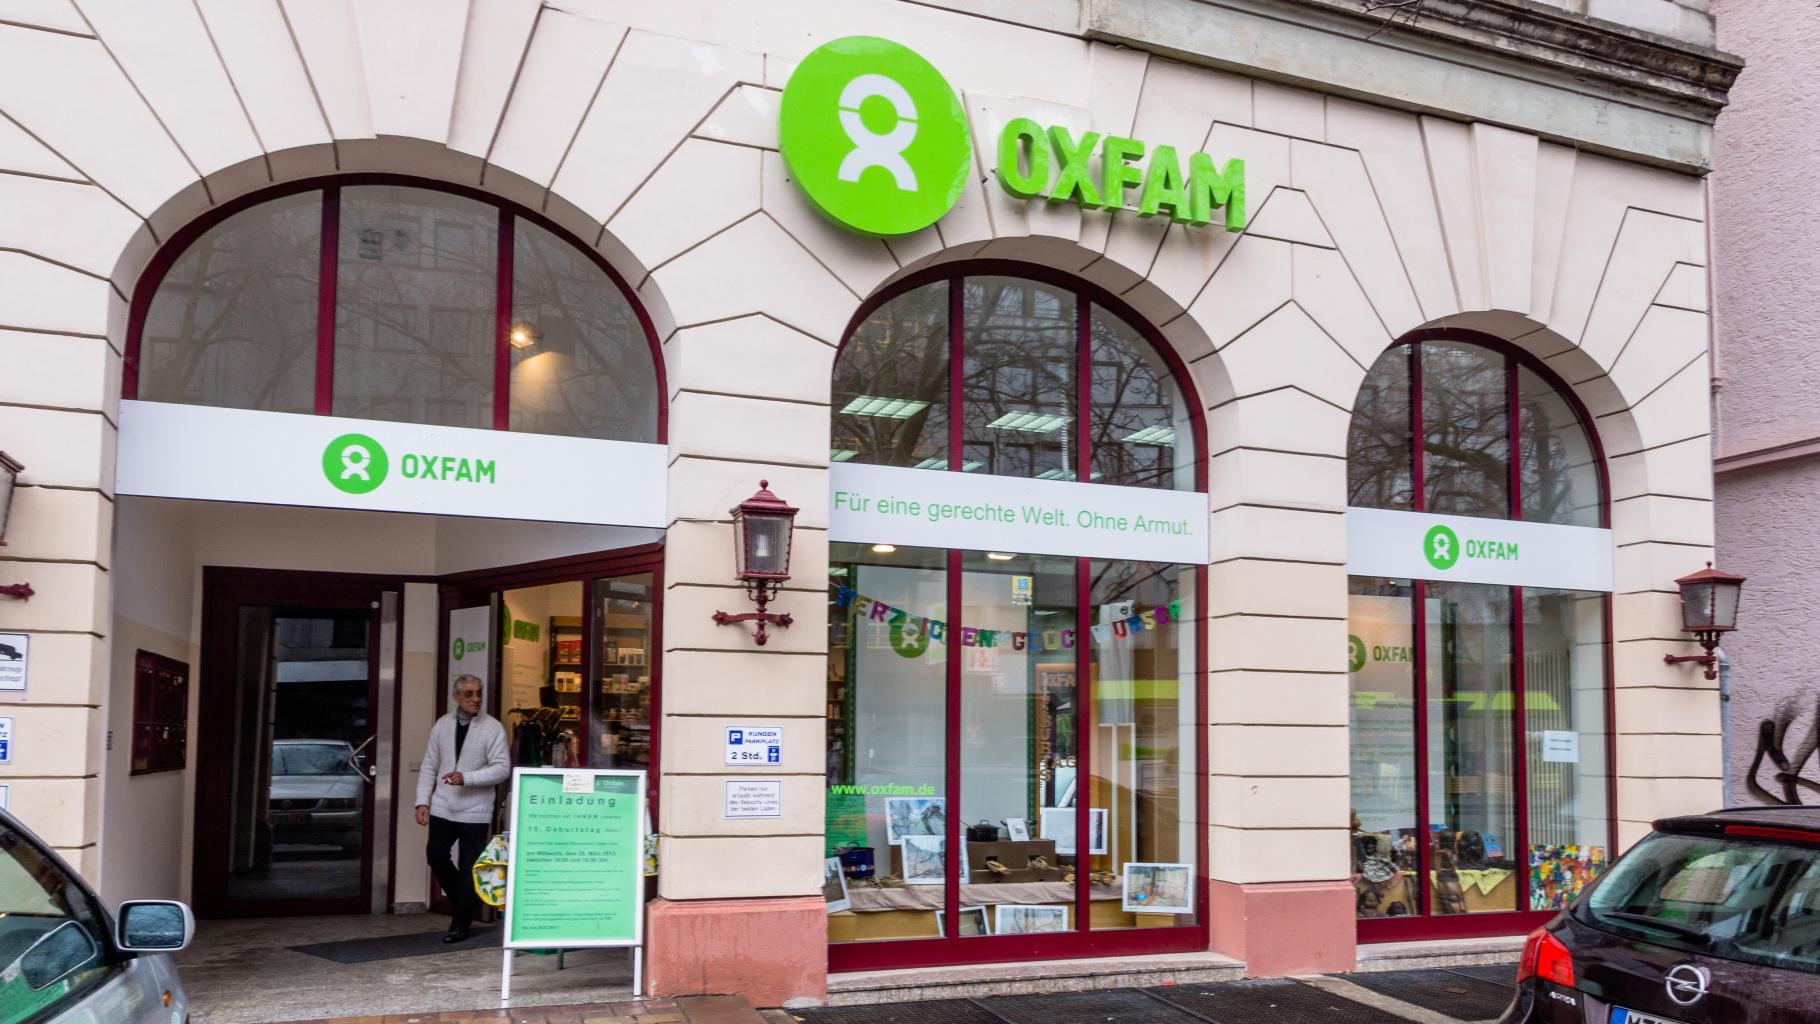 Oxfam Shop Wiesbaden - Außenansicht